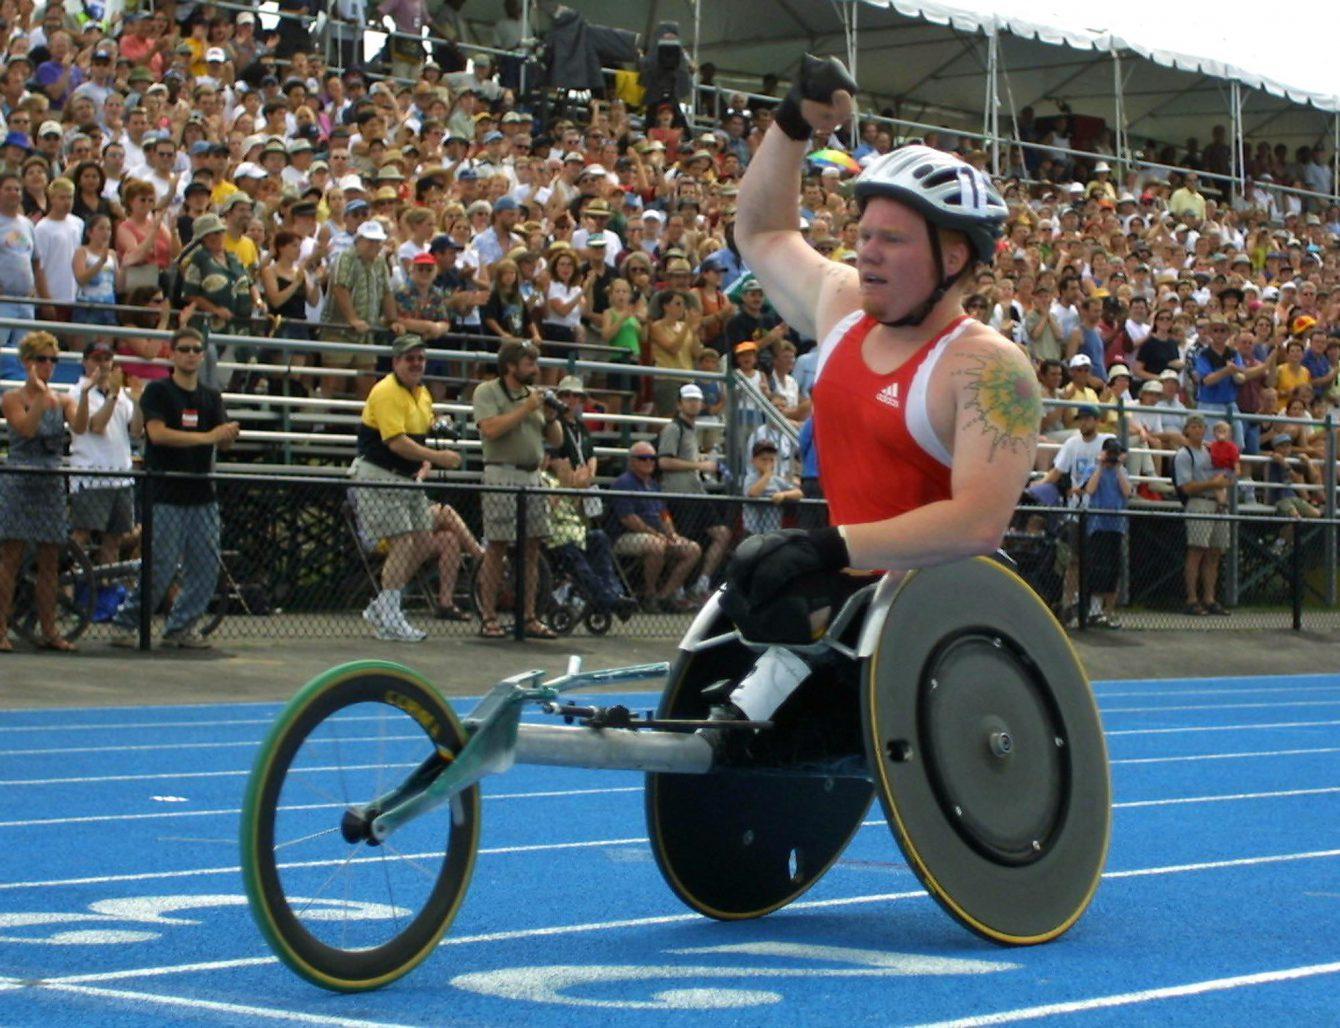 Le 21 juillet 2001, Jeff Adams, de Toronto, membre d'Équipe Canada, célèbre sa première place à l'épreuve de 1 500 m aux Jeux de la francophonie internationale qui ont eu lieu à Ottawa. (PHOTO PC/Jonathan Hayward)